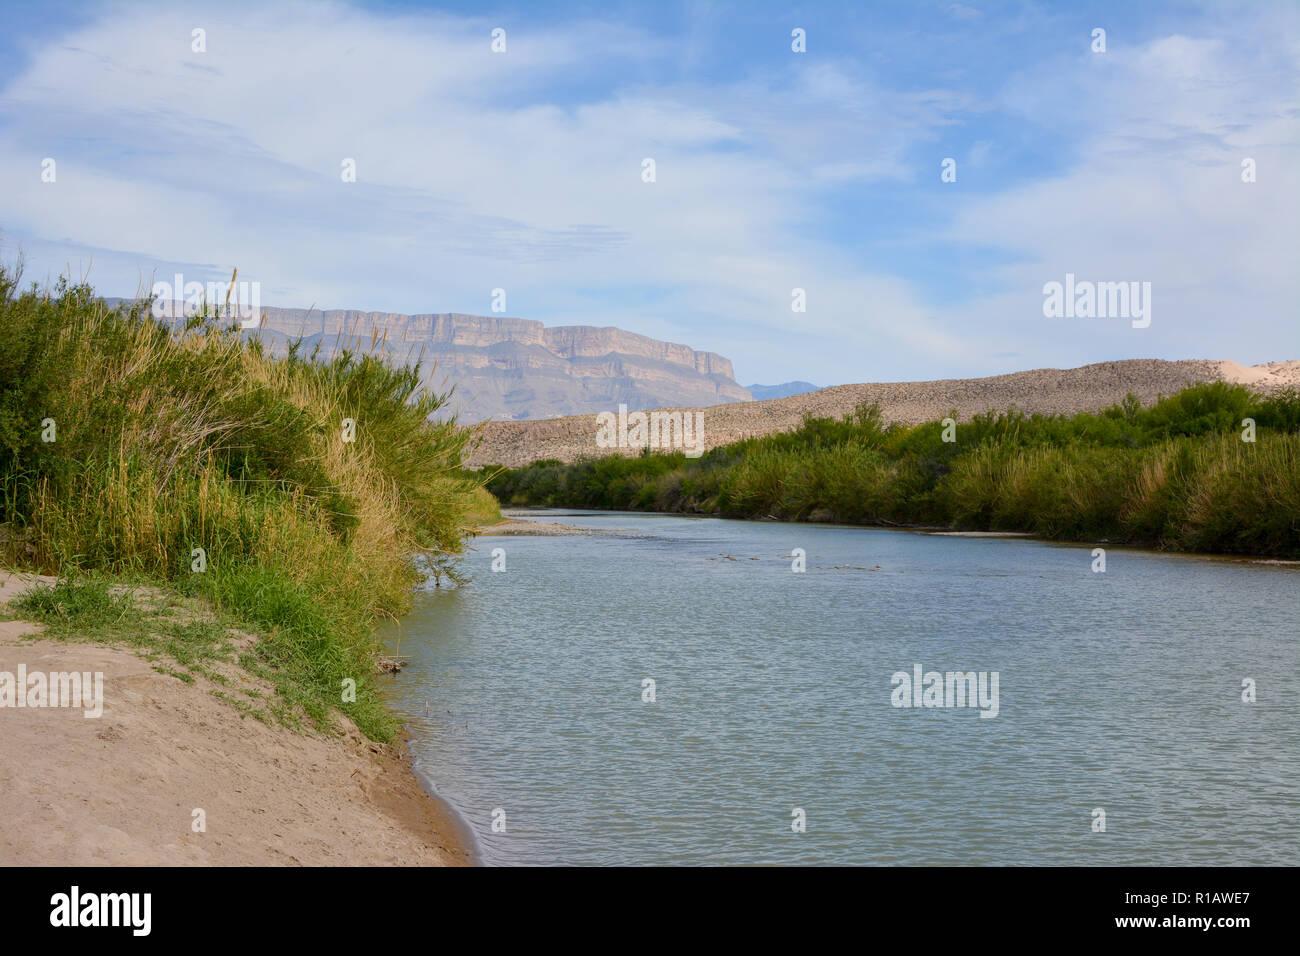 El Río Grande que fluye a lo largo de la frontera de México y los EE.UU. en el Parque Nacional Big Bend. Foto de stock